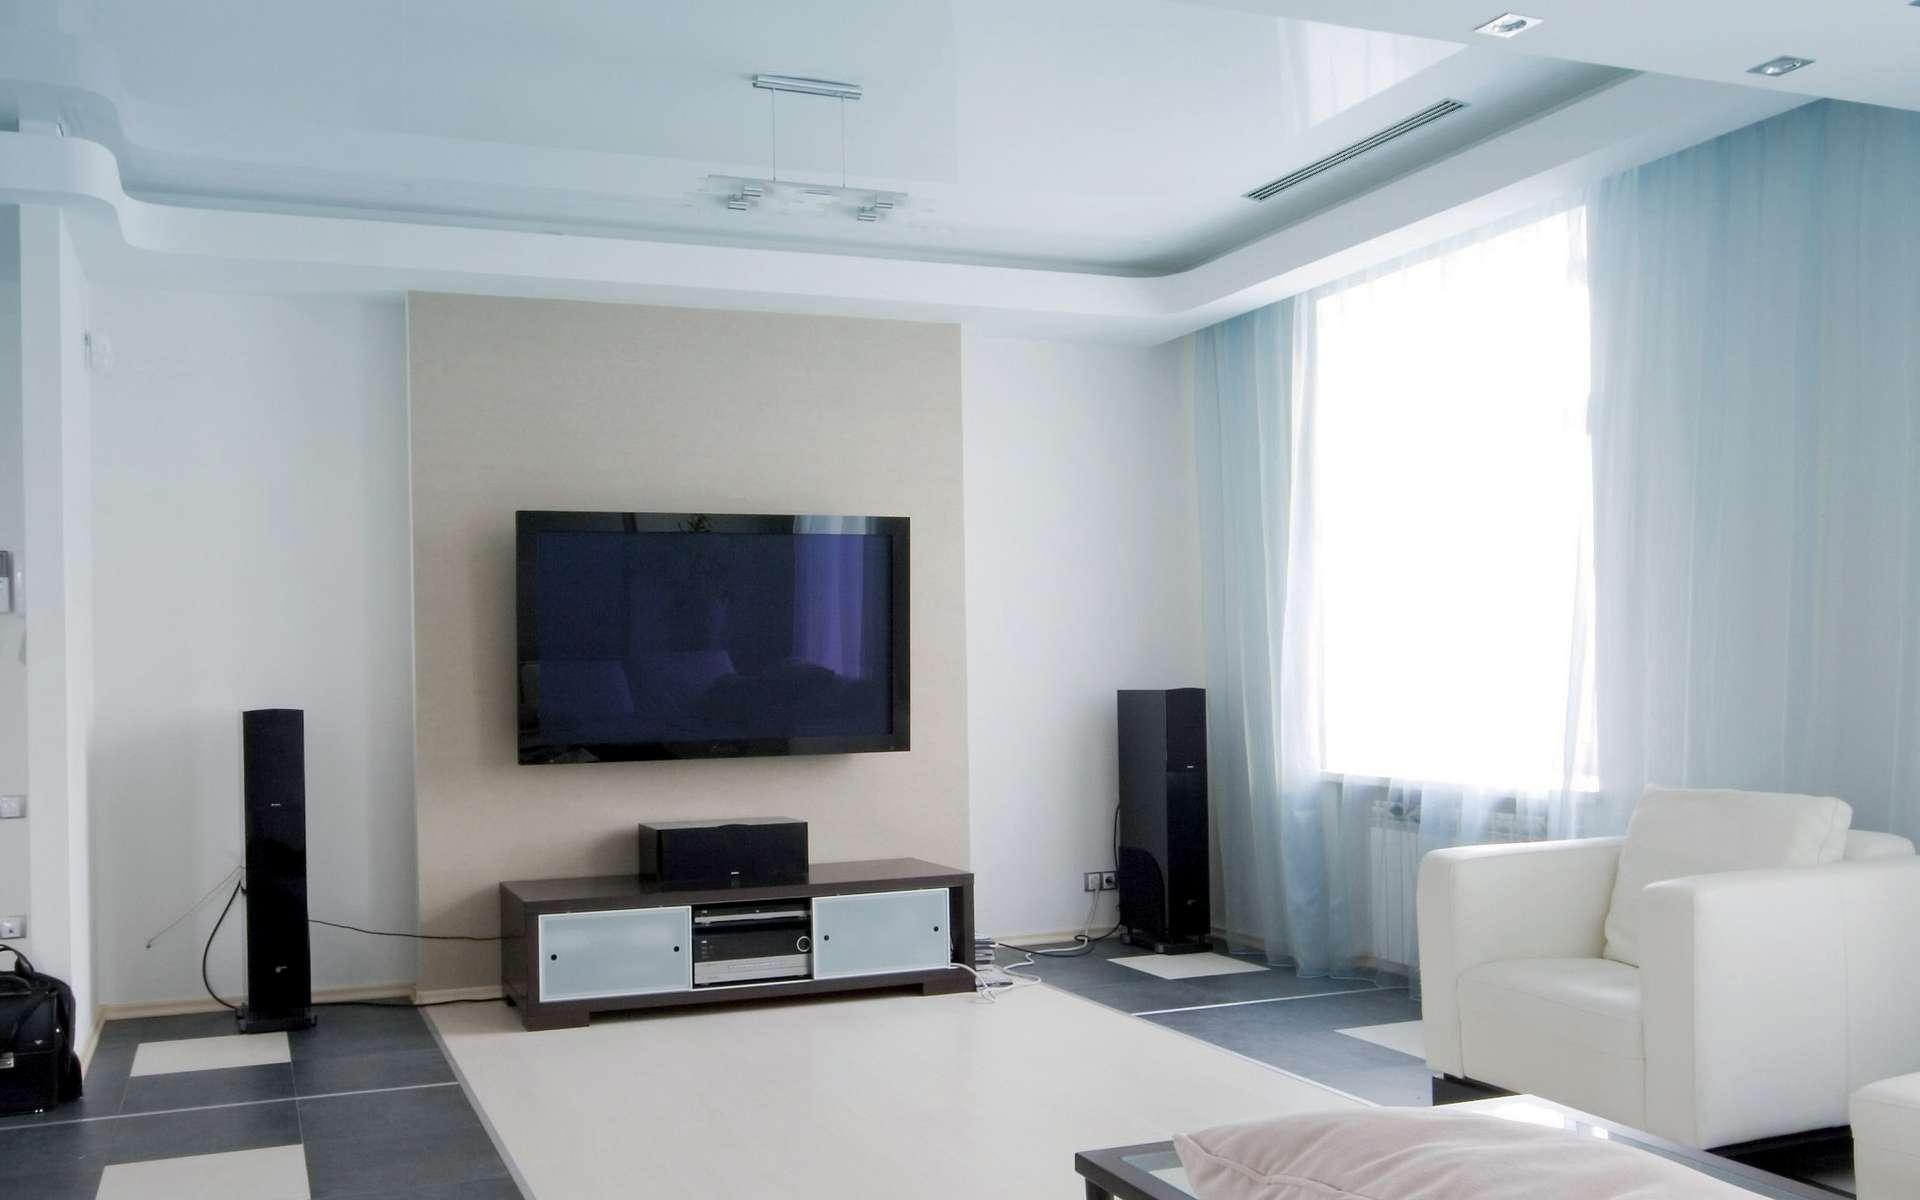 Positionnées au plafond ou au mur, les grilles de ventilation d'un climatiseur gainable sont invisibles au premier coup d'œil. Reliées à une unité intérieure dissimulée dans le faux plafond ou les combles perdus, elles diffusent l'air froid ou chaud en fonction des besoins. © Atlantic